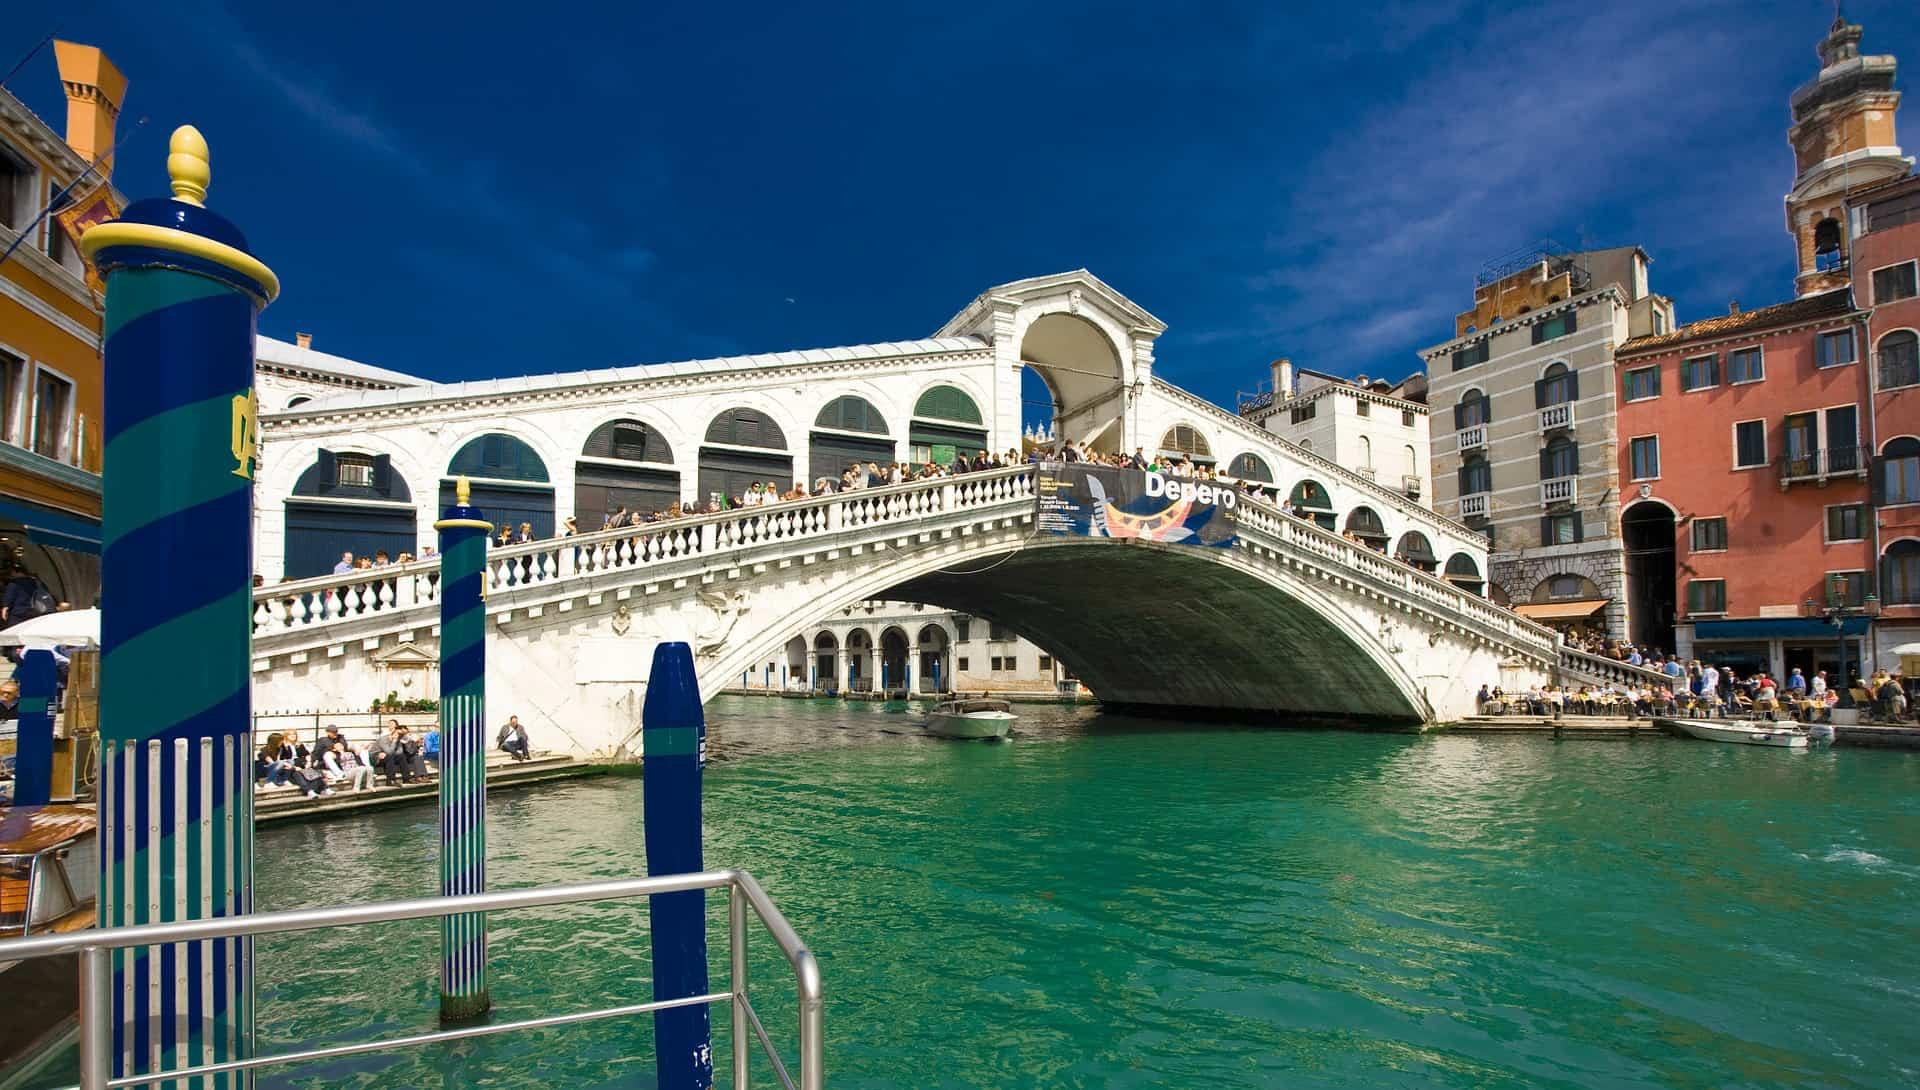 Städtereise Venedig - Wochenende nur 56,98€ Flug & Hotel